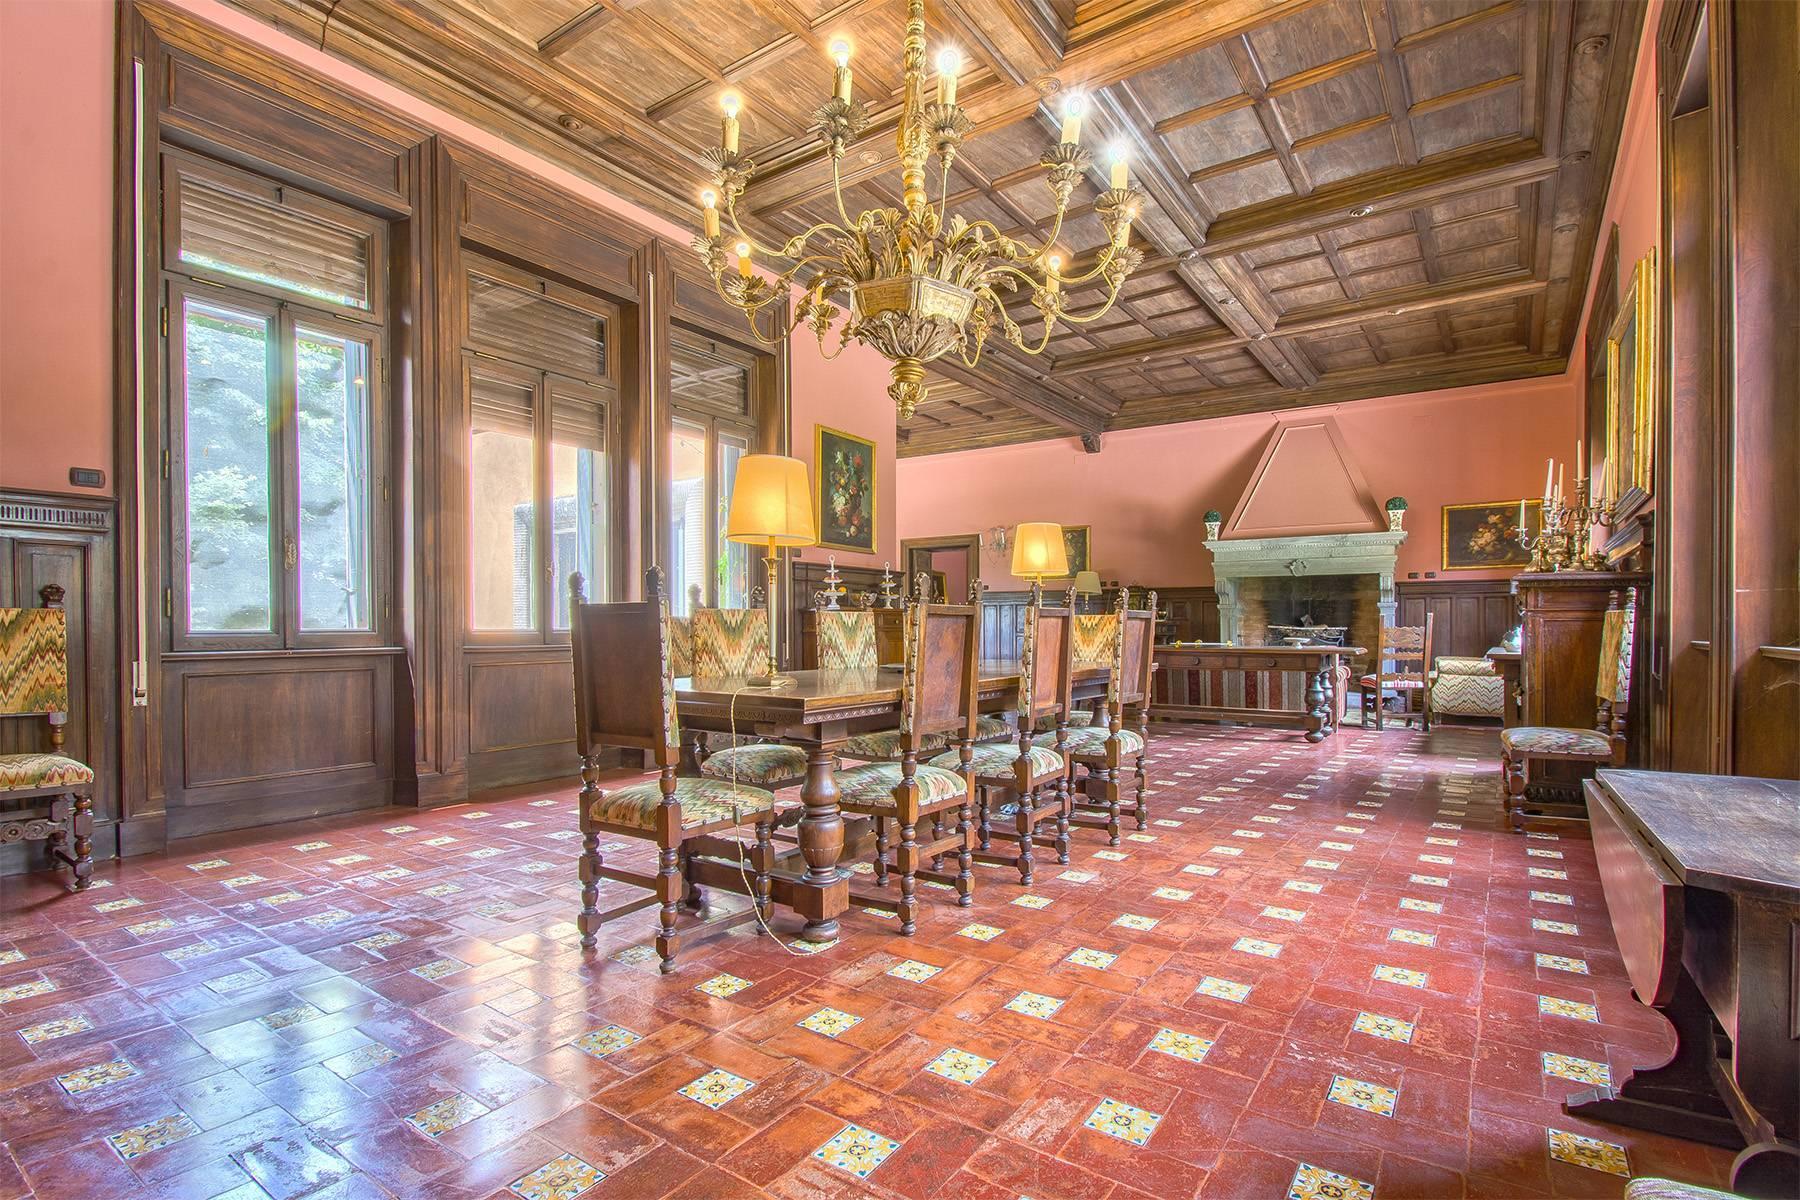 Magnifica villa dell'800 nel cuore dell'Umbria - 20